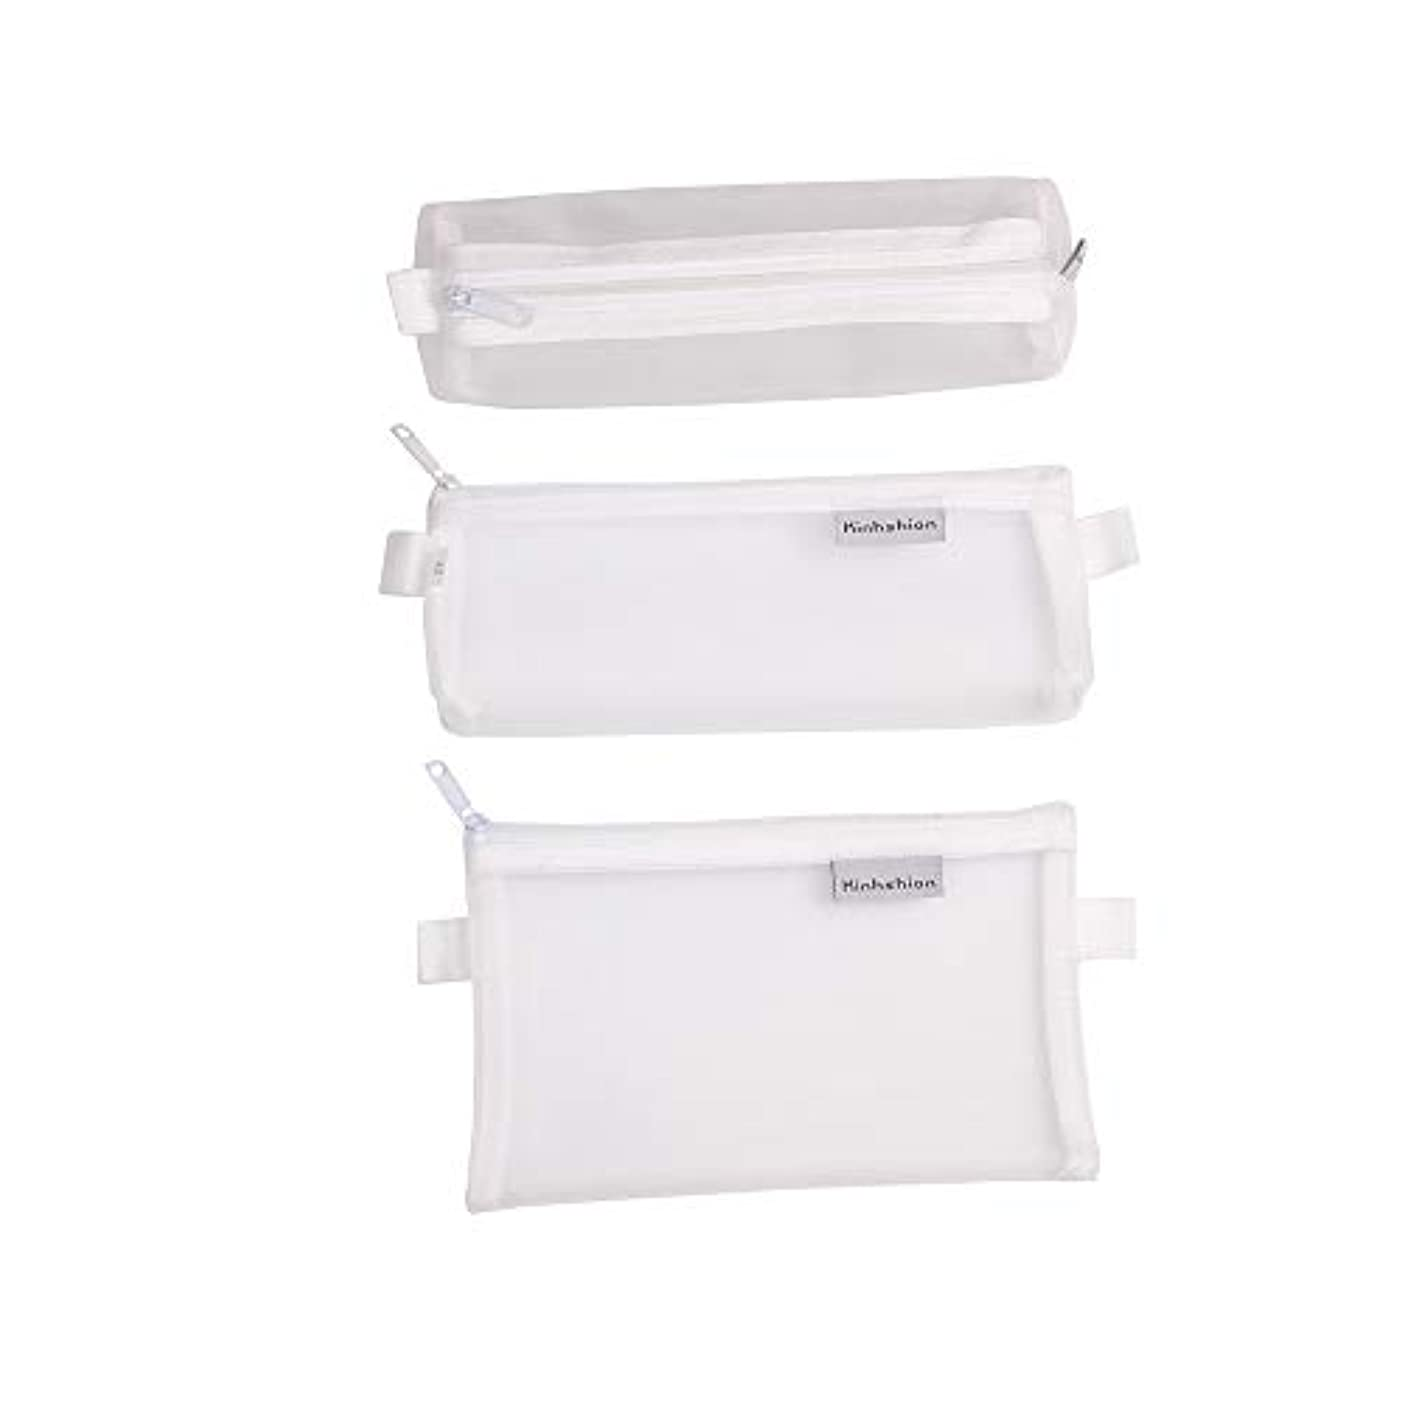 3PCS Multifunctional Mesh Pen Bag Pencil Case Makeup Tool Bag Storage Pouch Purse